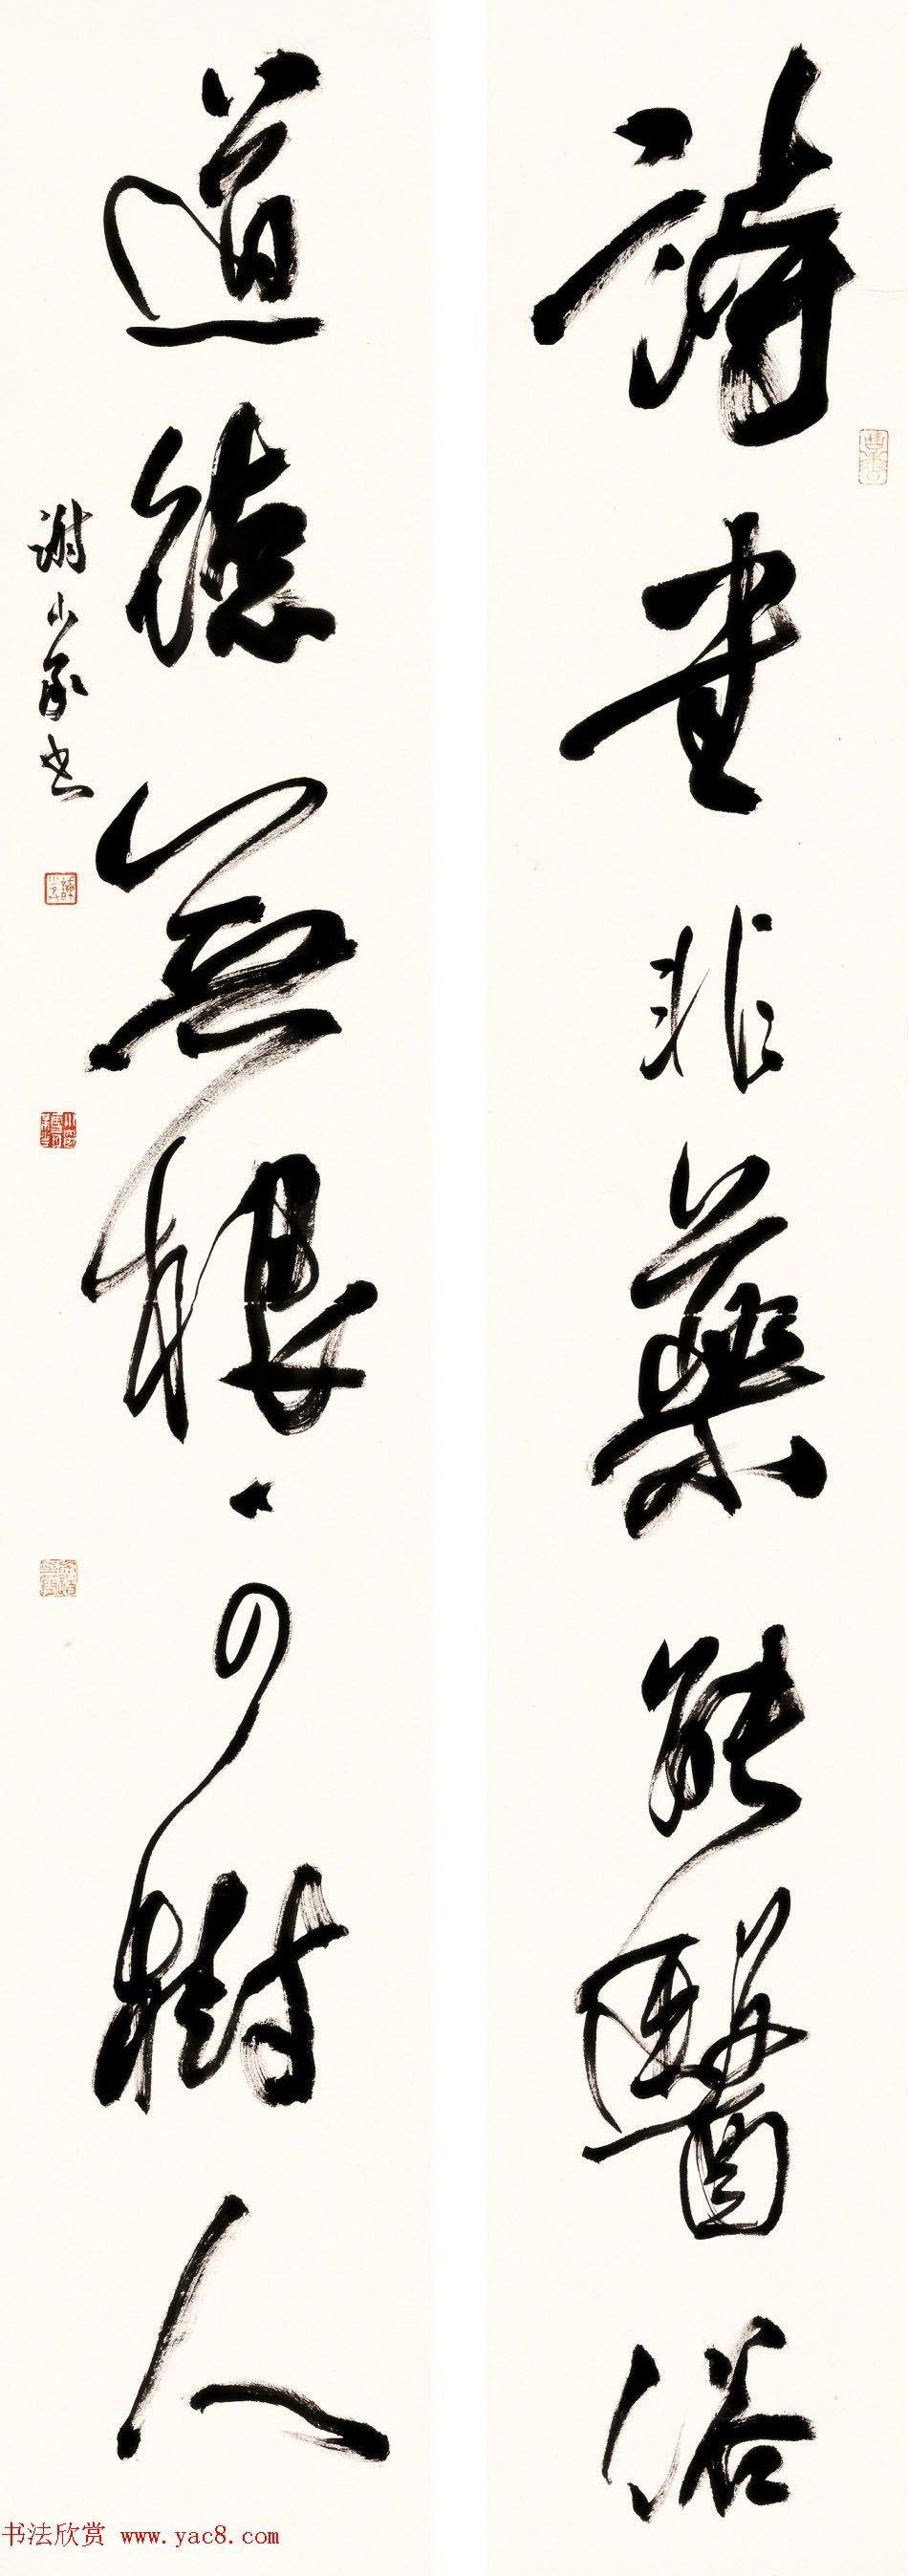 江苏书协副主席谢少承书法作品欣赏